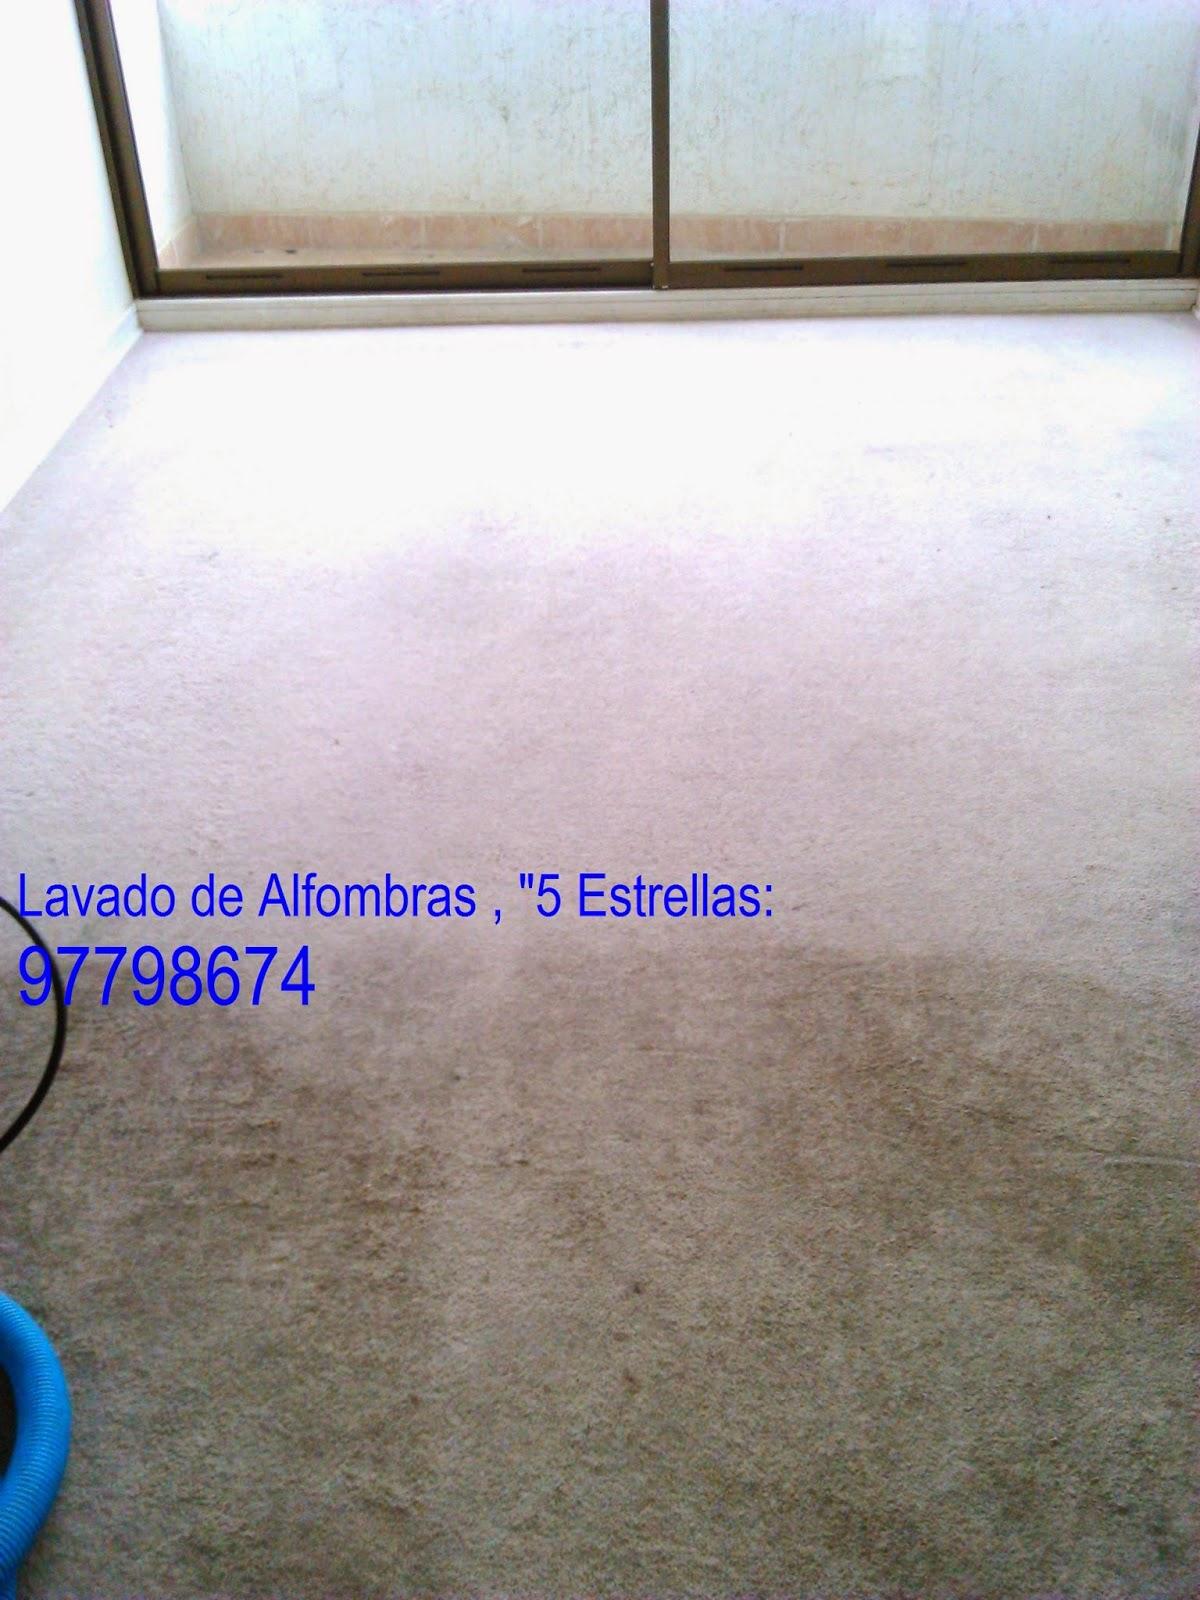 lavado de alfombras limpieza de tapiz: antes y despues del lavado de